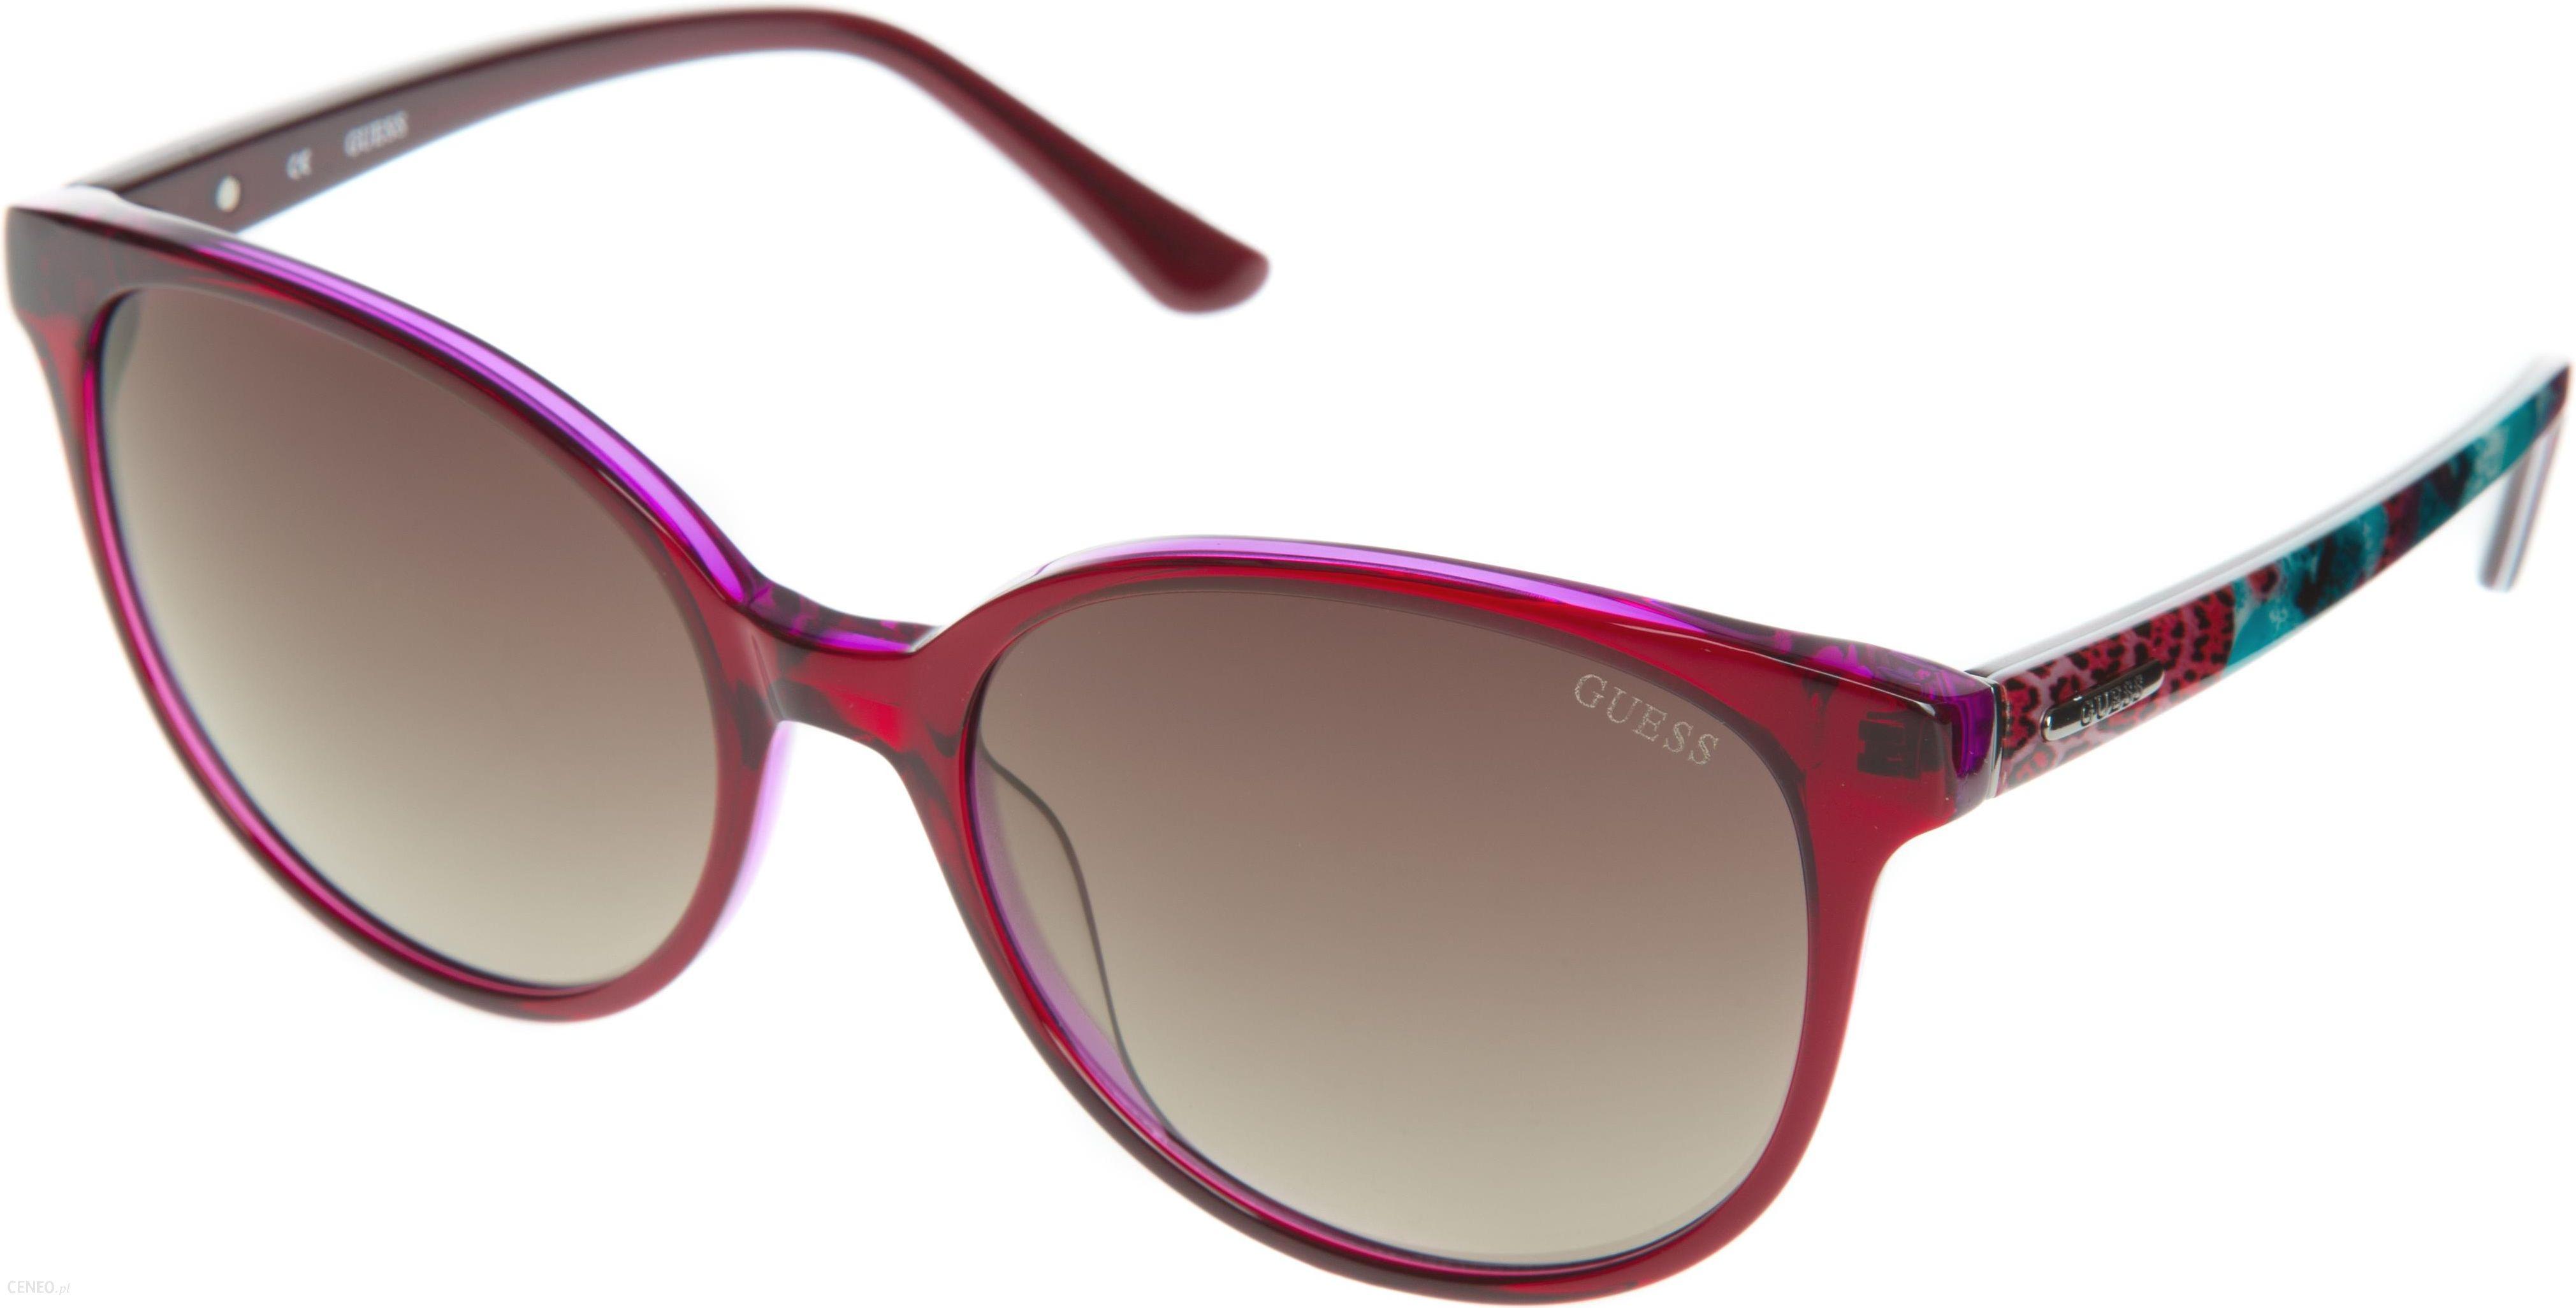 Guess Okulary przeciwsłoneczne Czerwony Fioletowy Wielokolorowy UNI